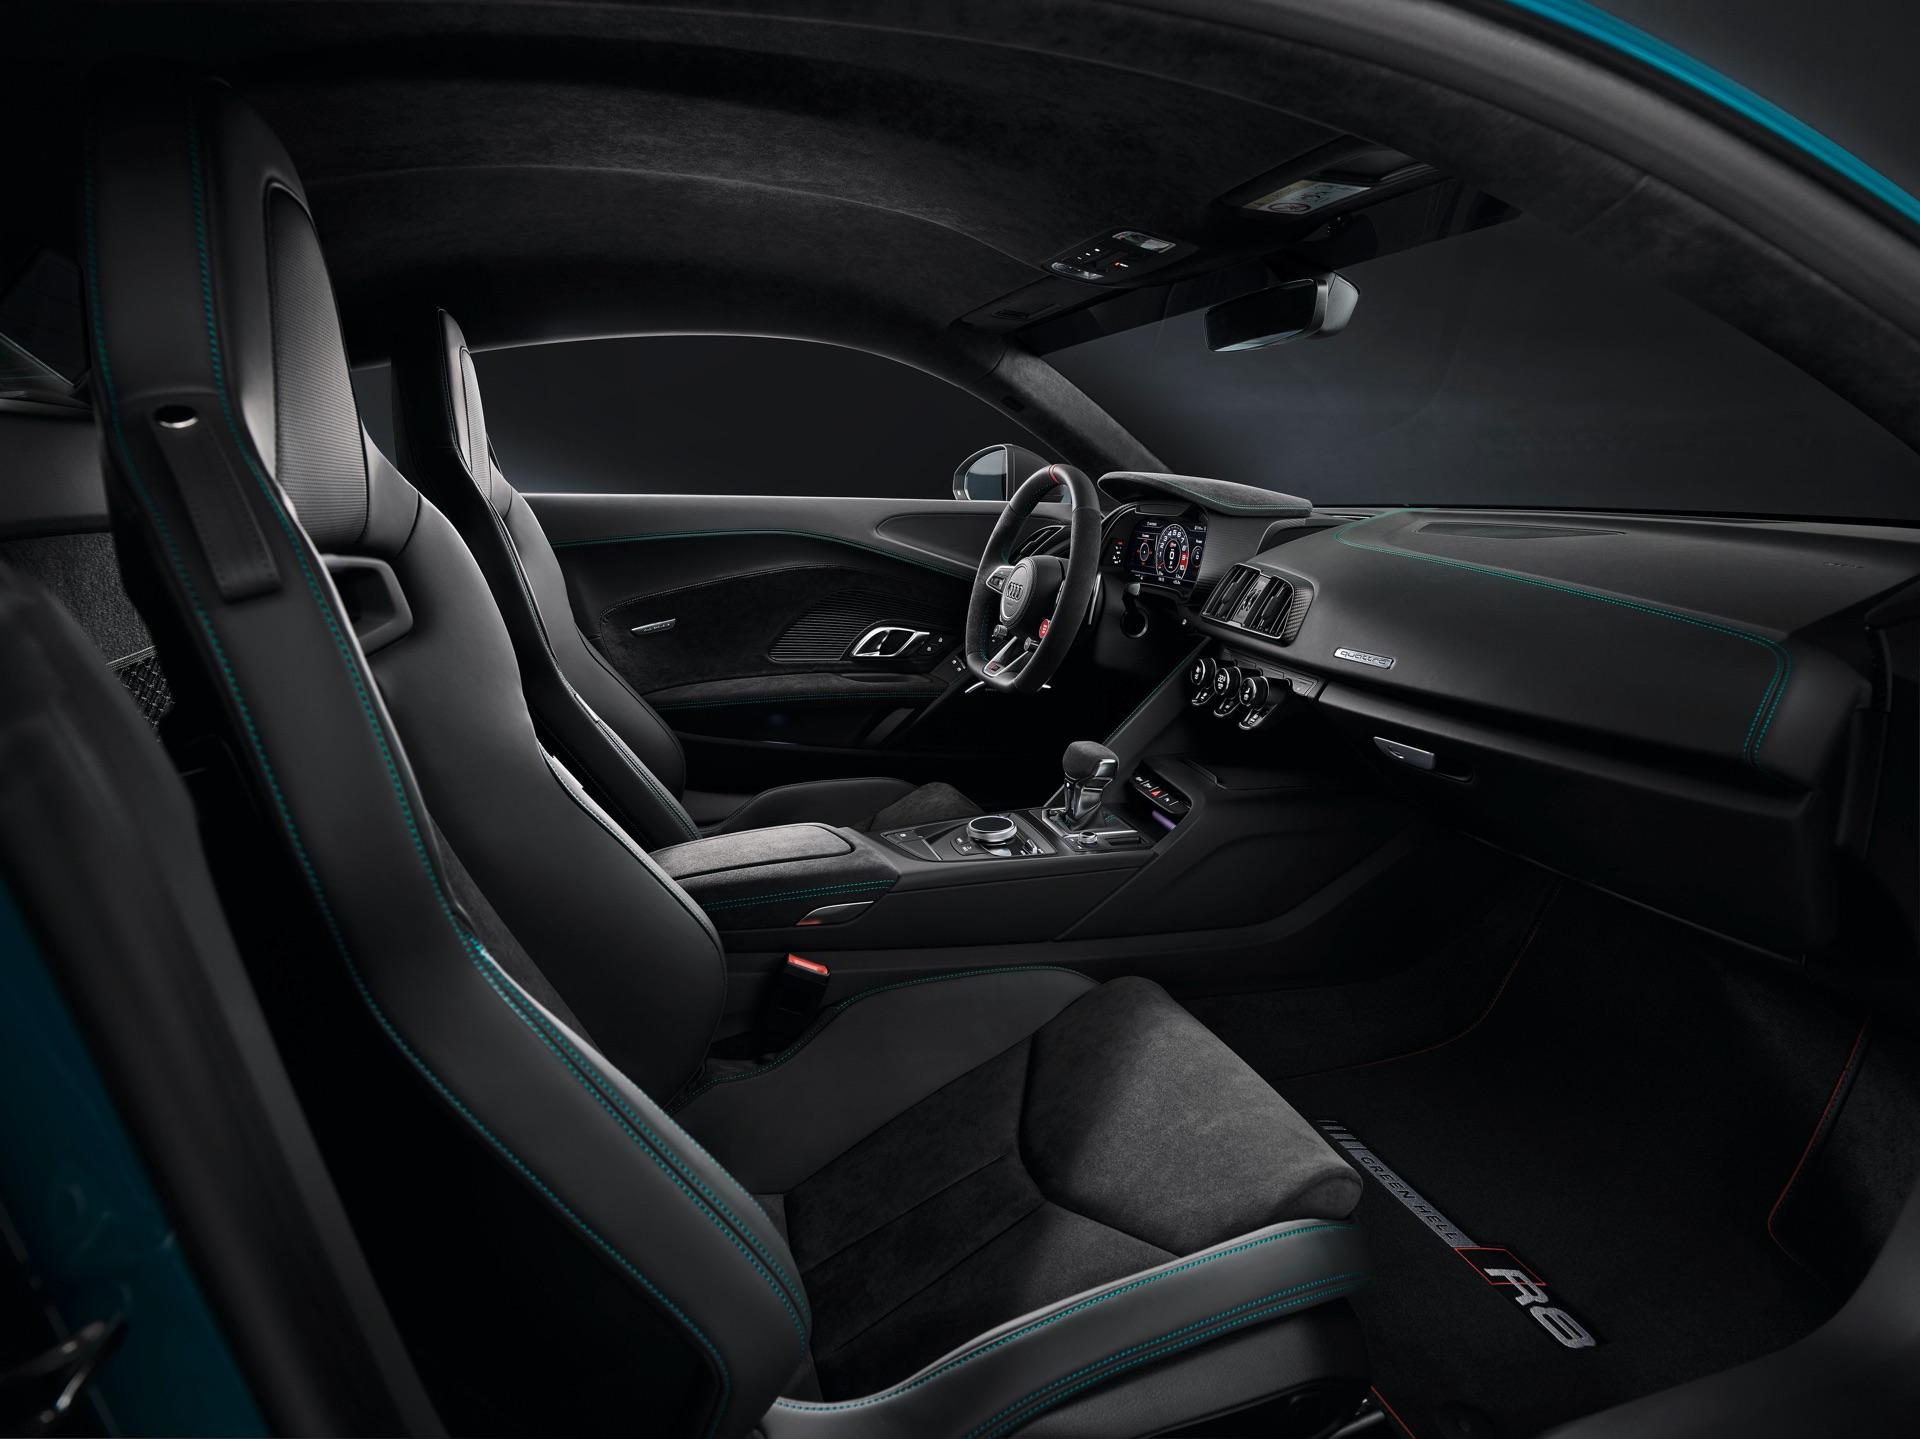 Audi R8 Green Hell Passenger Side